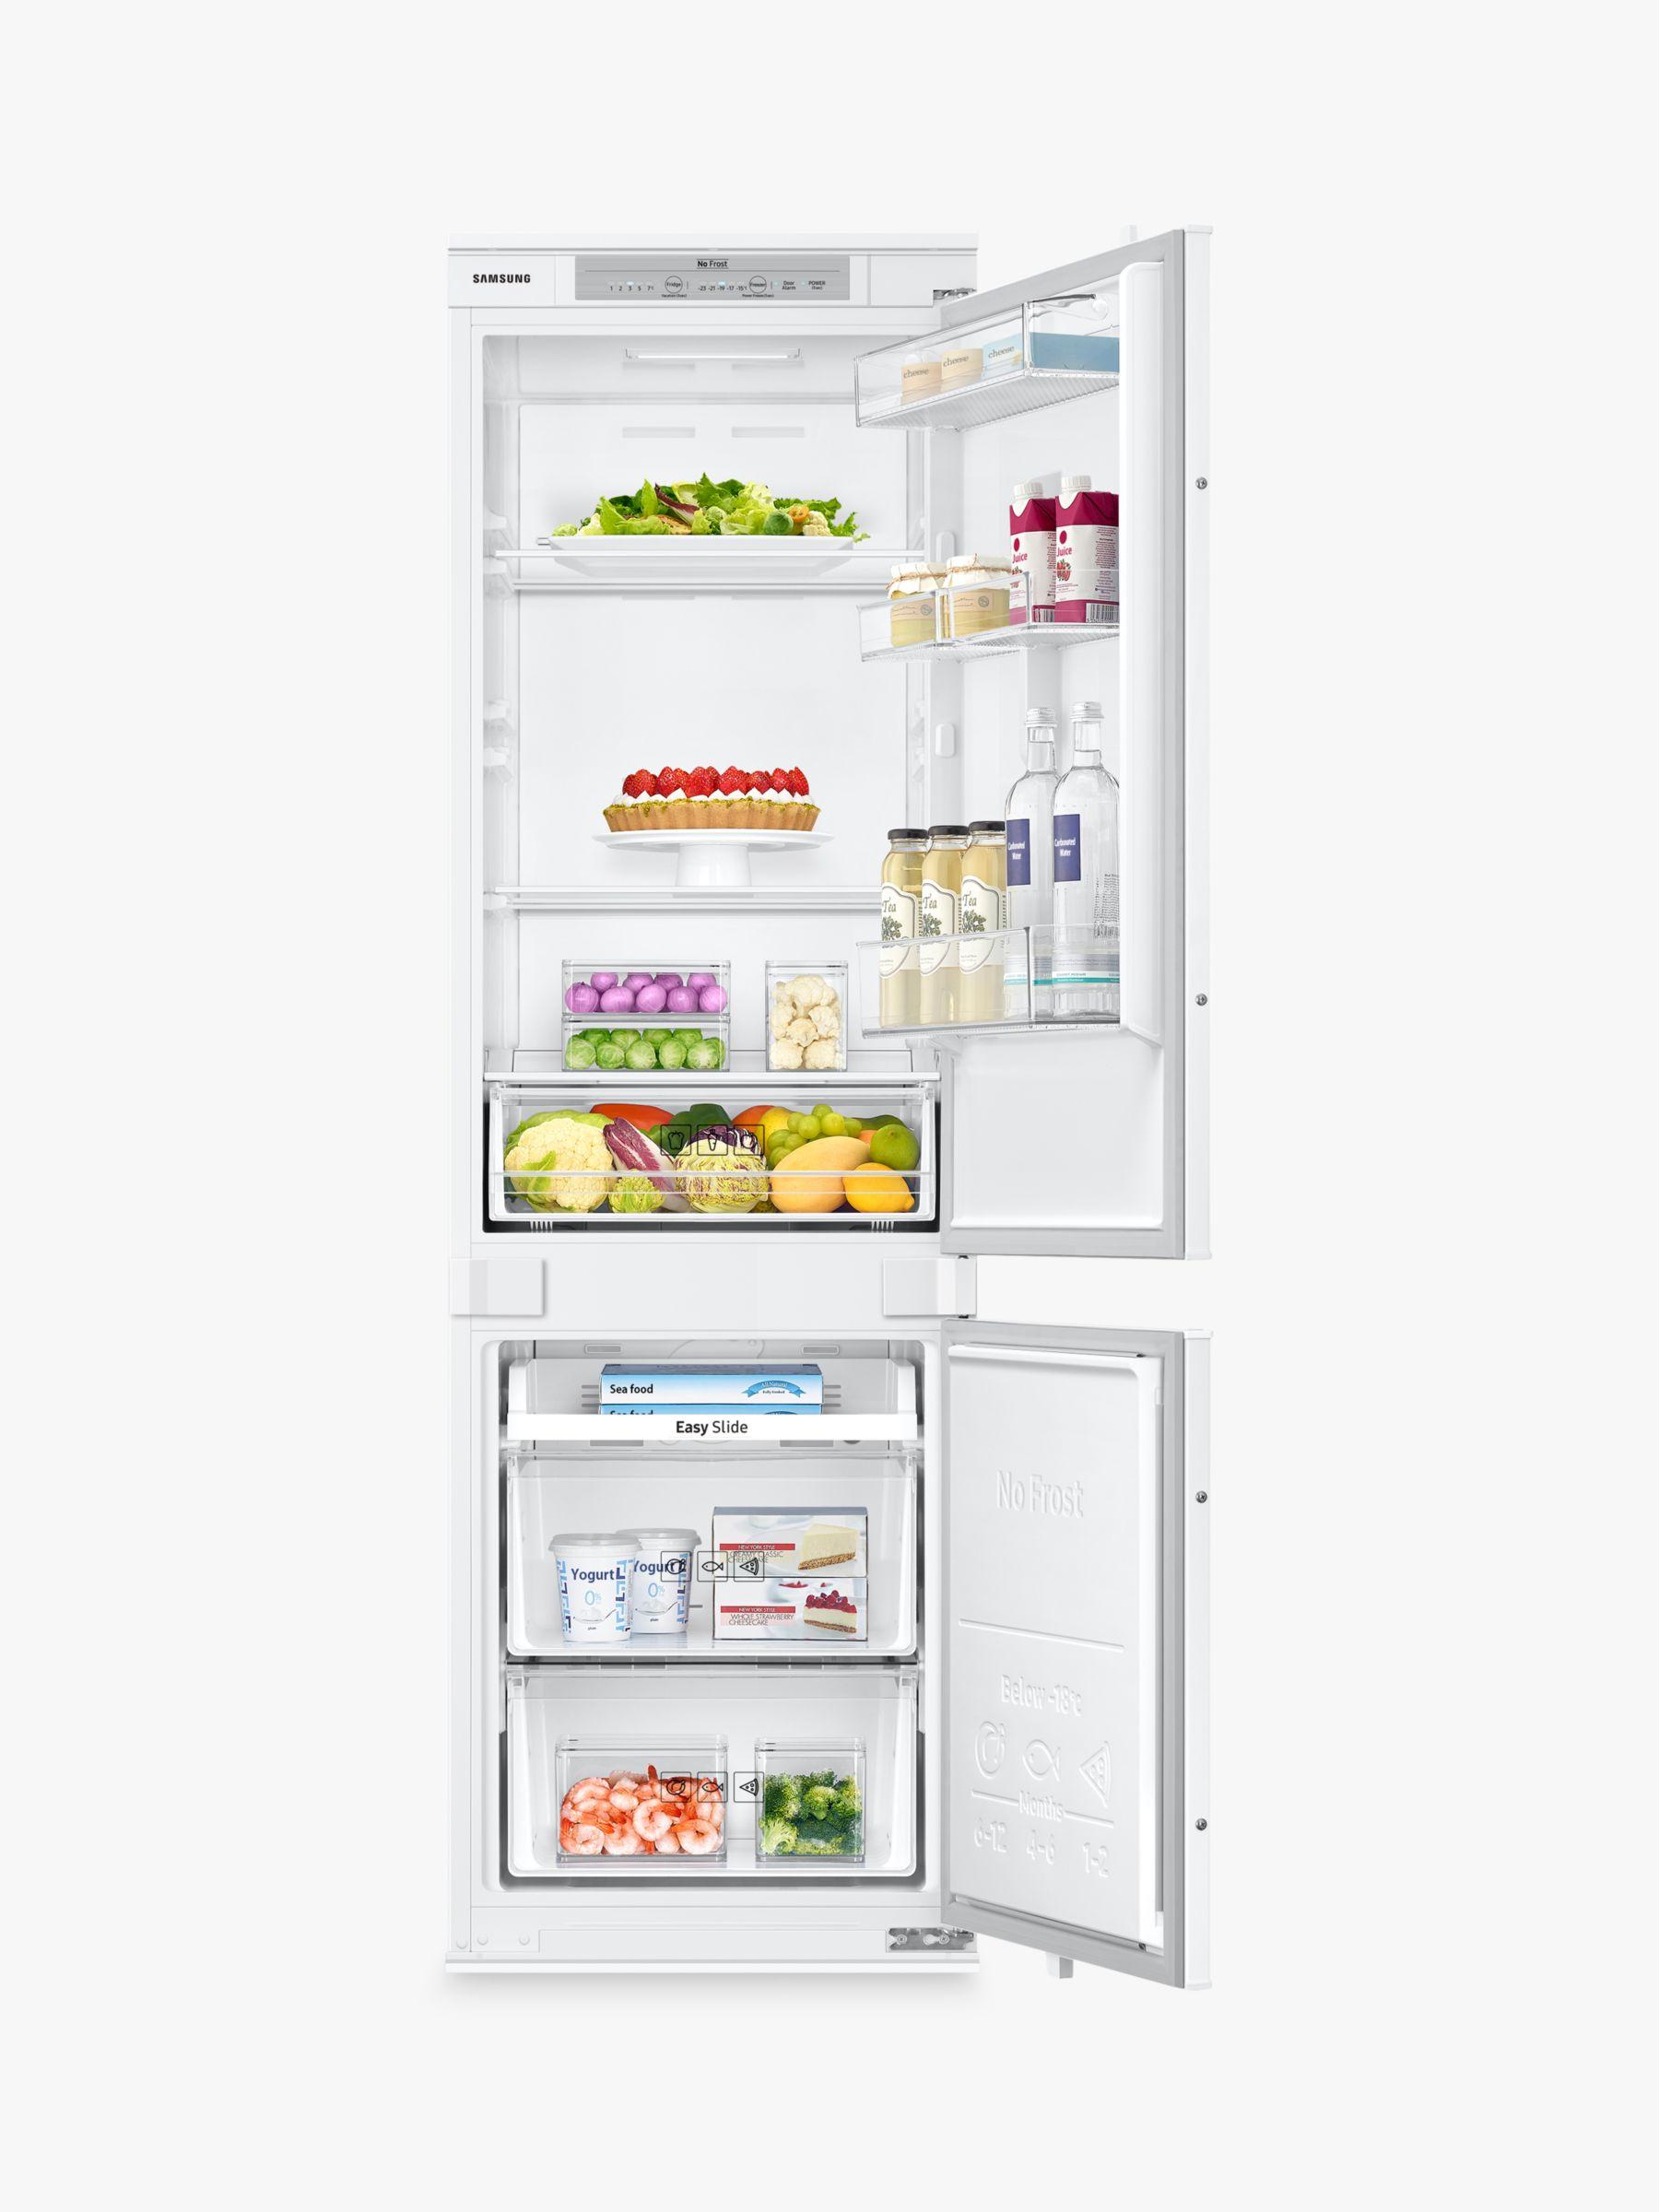 Samsung Samsung BRB260000WW/EU Integrated Fridge Freezer, A+ Energy Rating, 54cm Wide, White Gloss